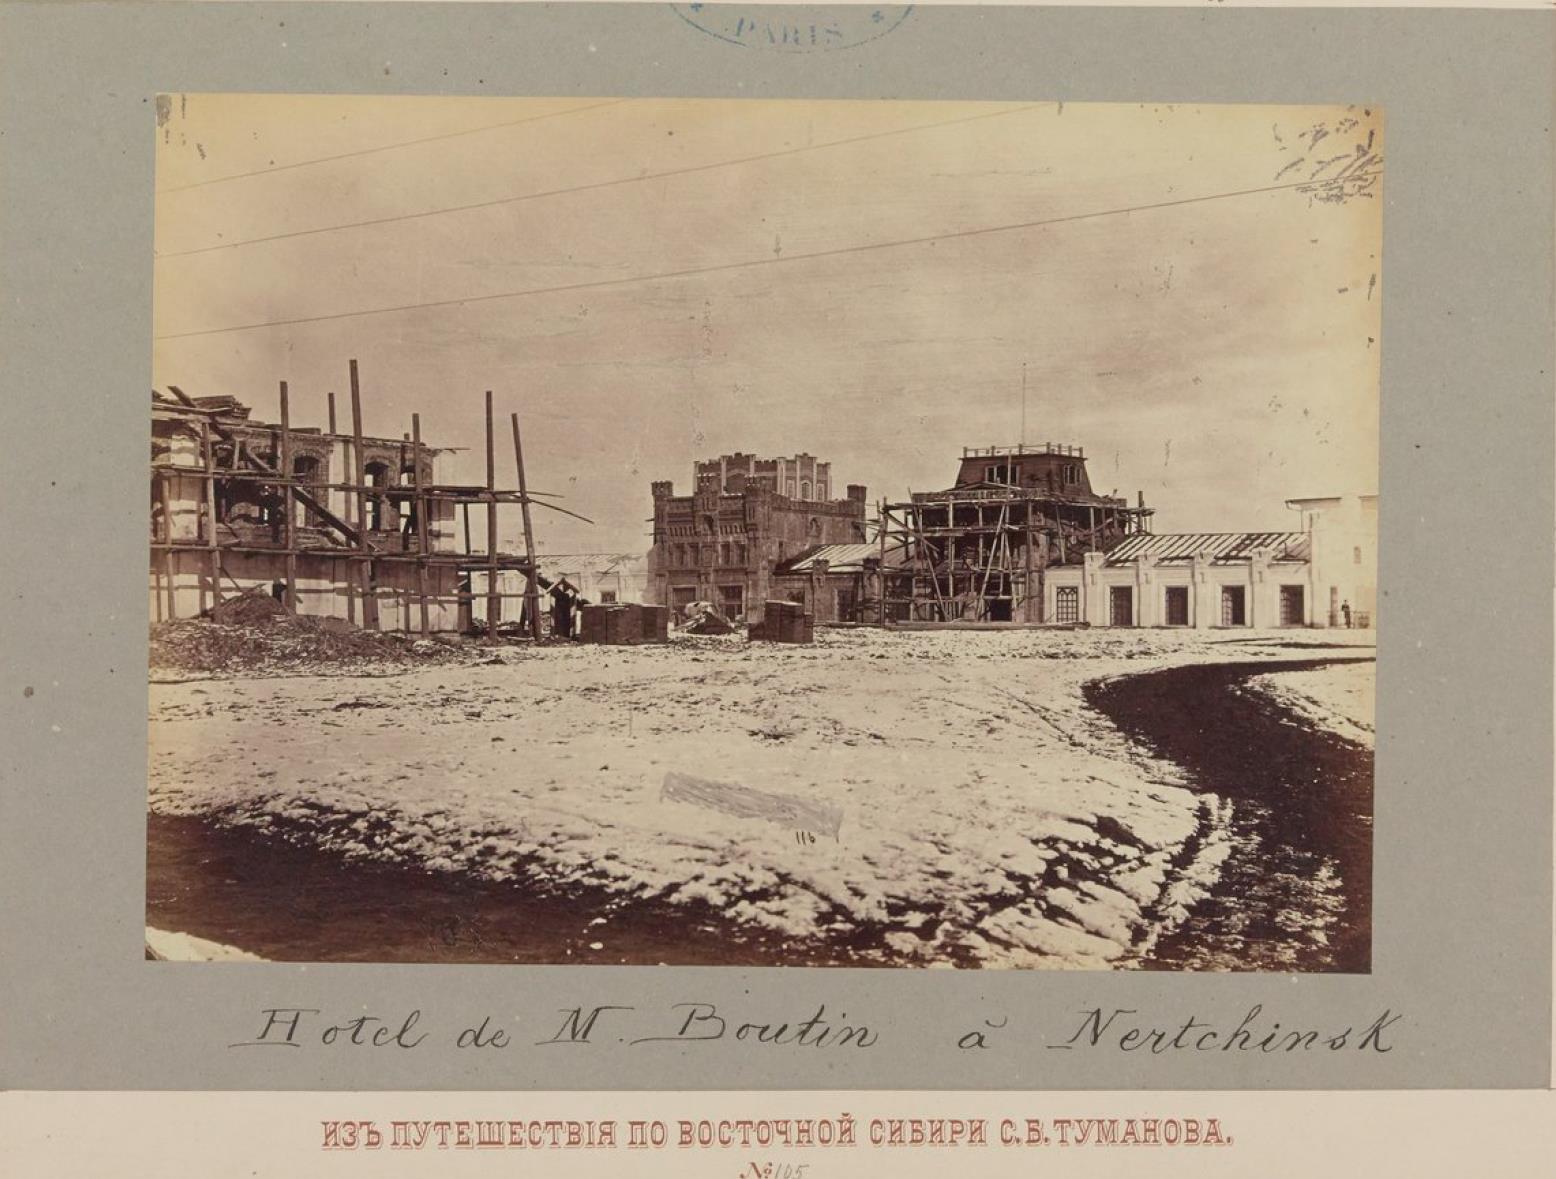 13. Дворец М. Бутина в Нетчинске